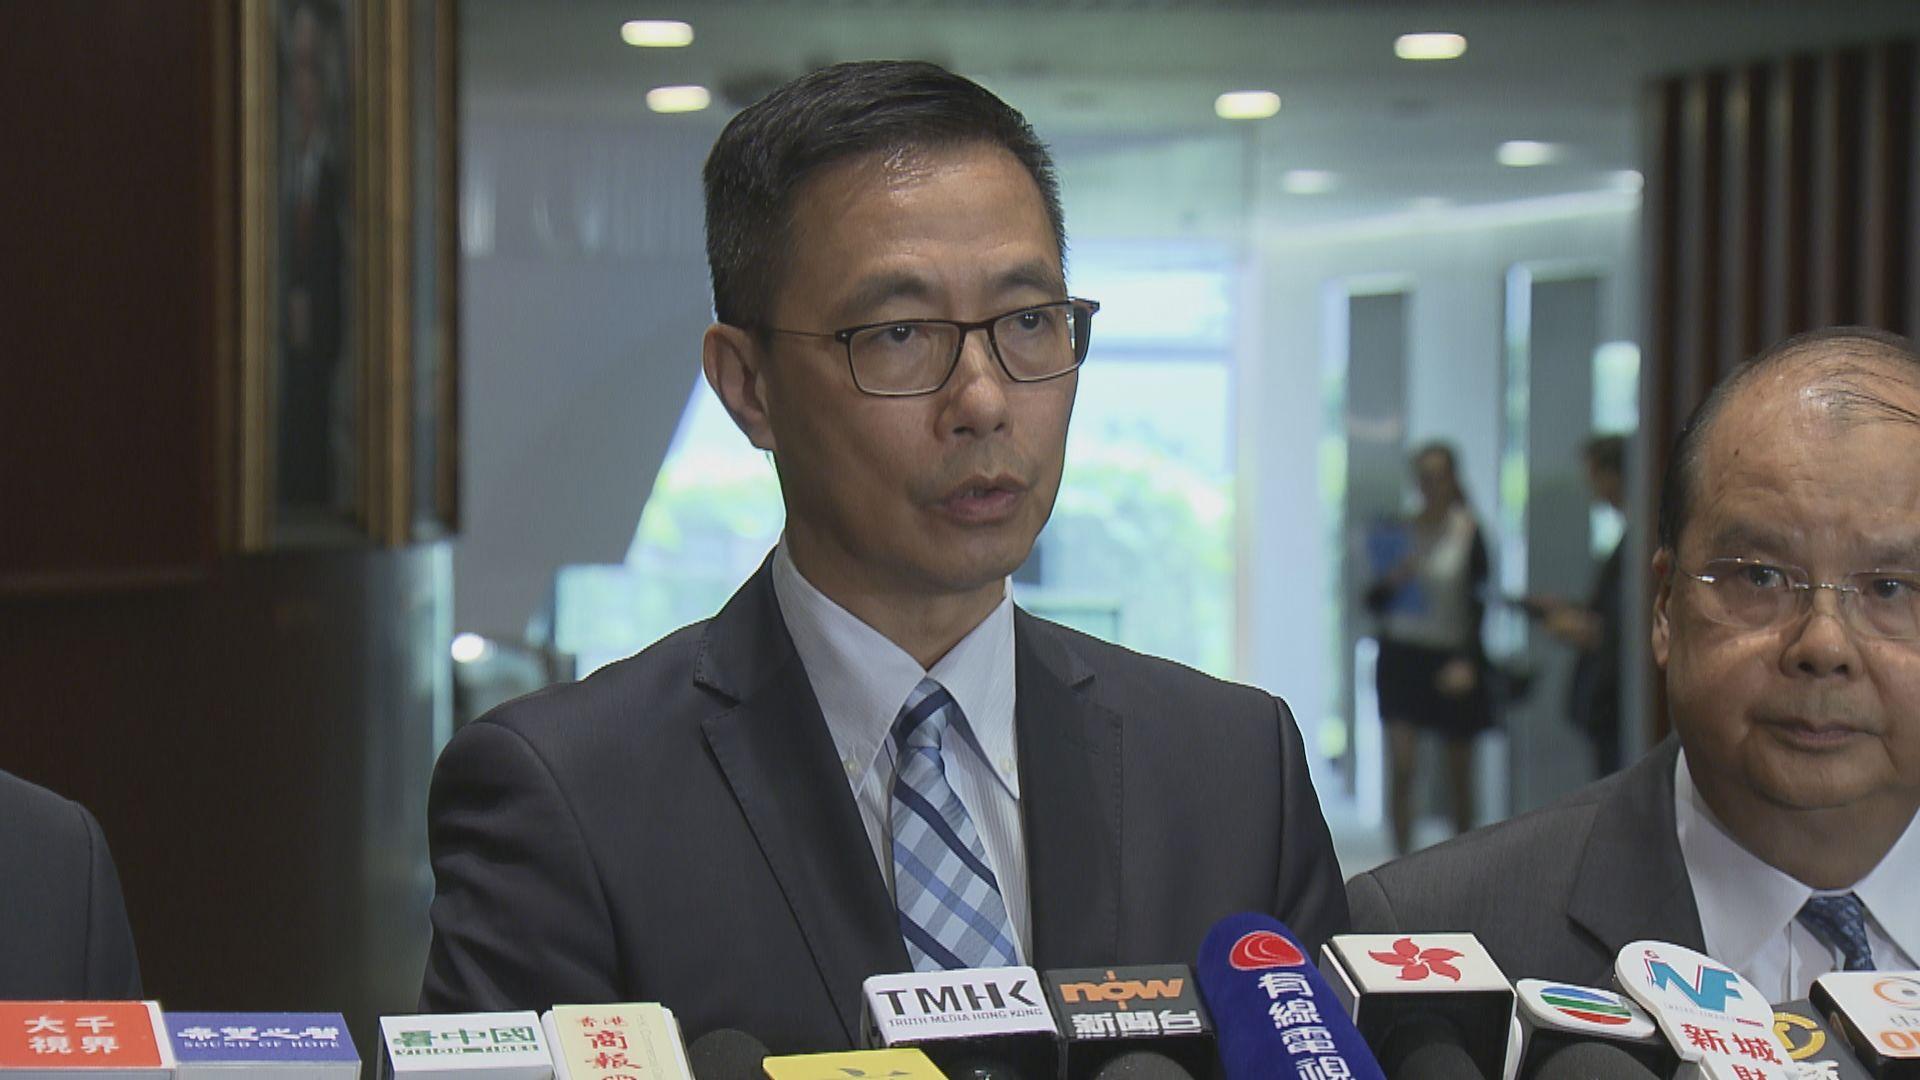 楊潤雄︰有校車遭破壞 有學校被恐嚇